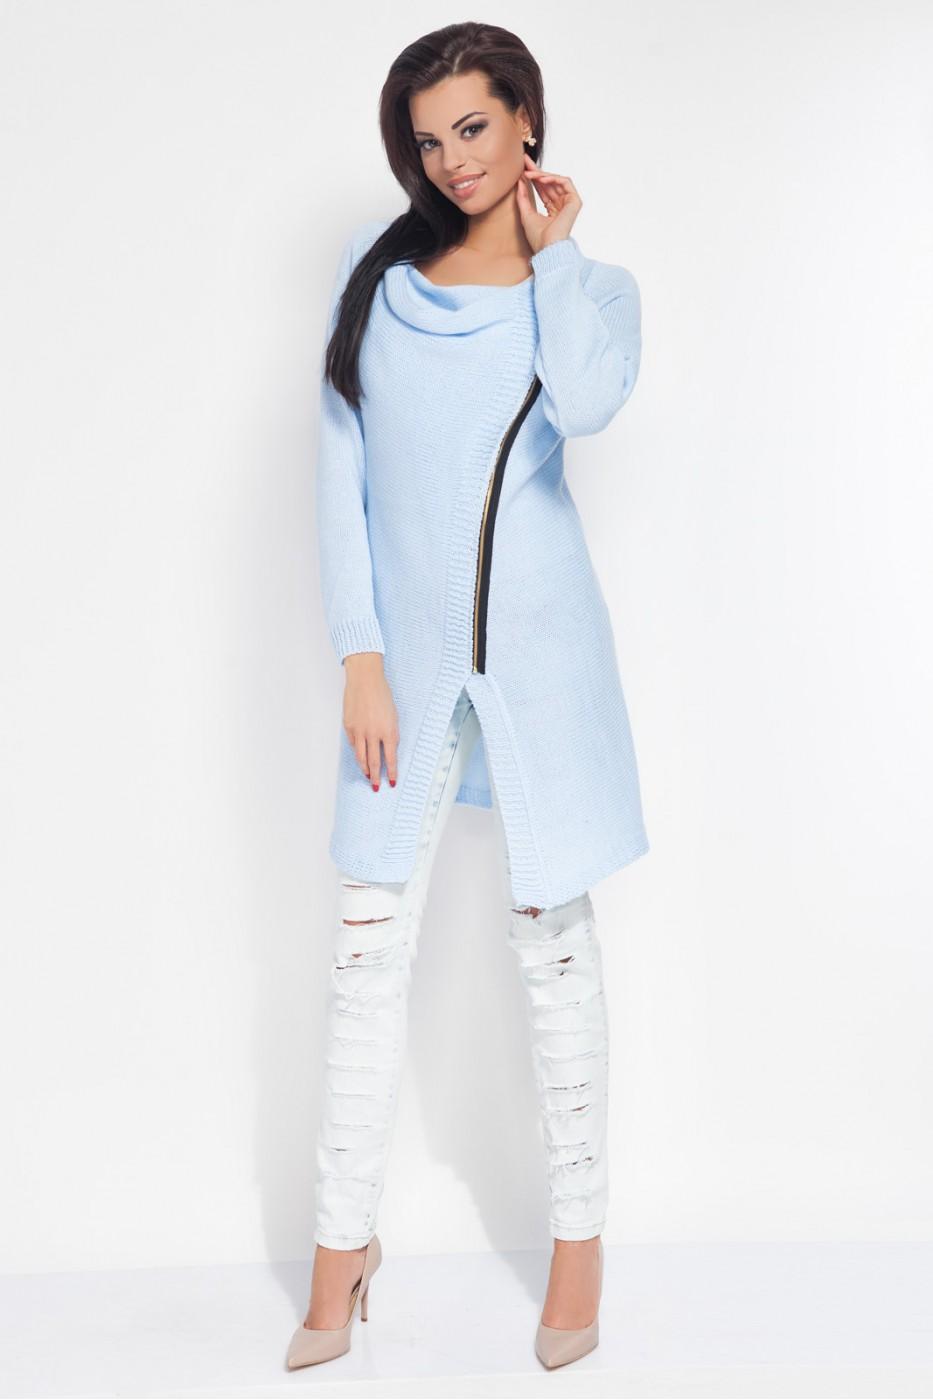 Dámský pletený kabátek Fobya F151 světle modrý  5858865965